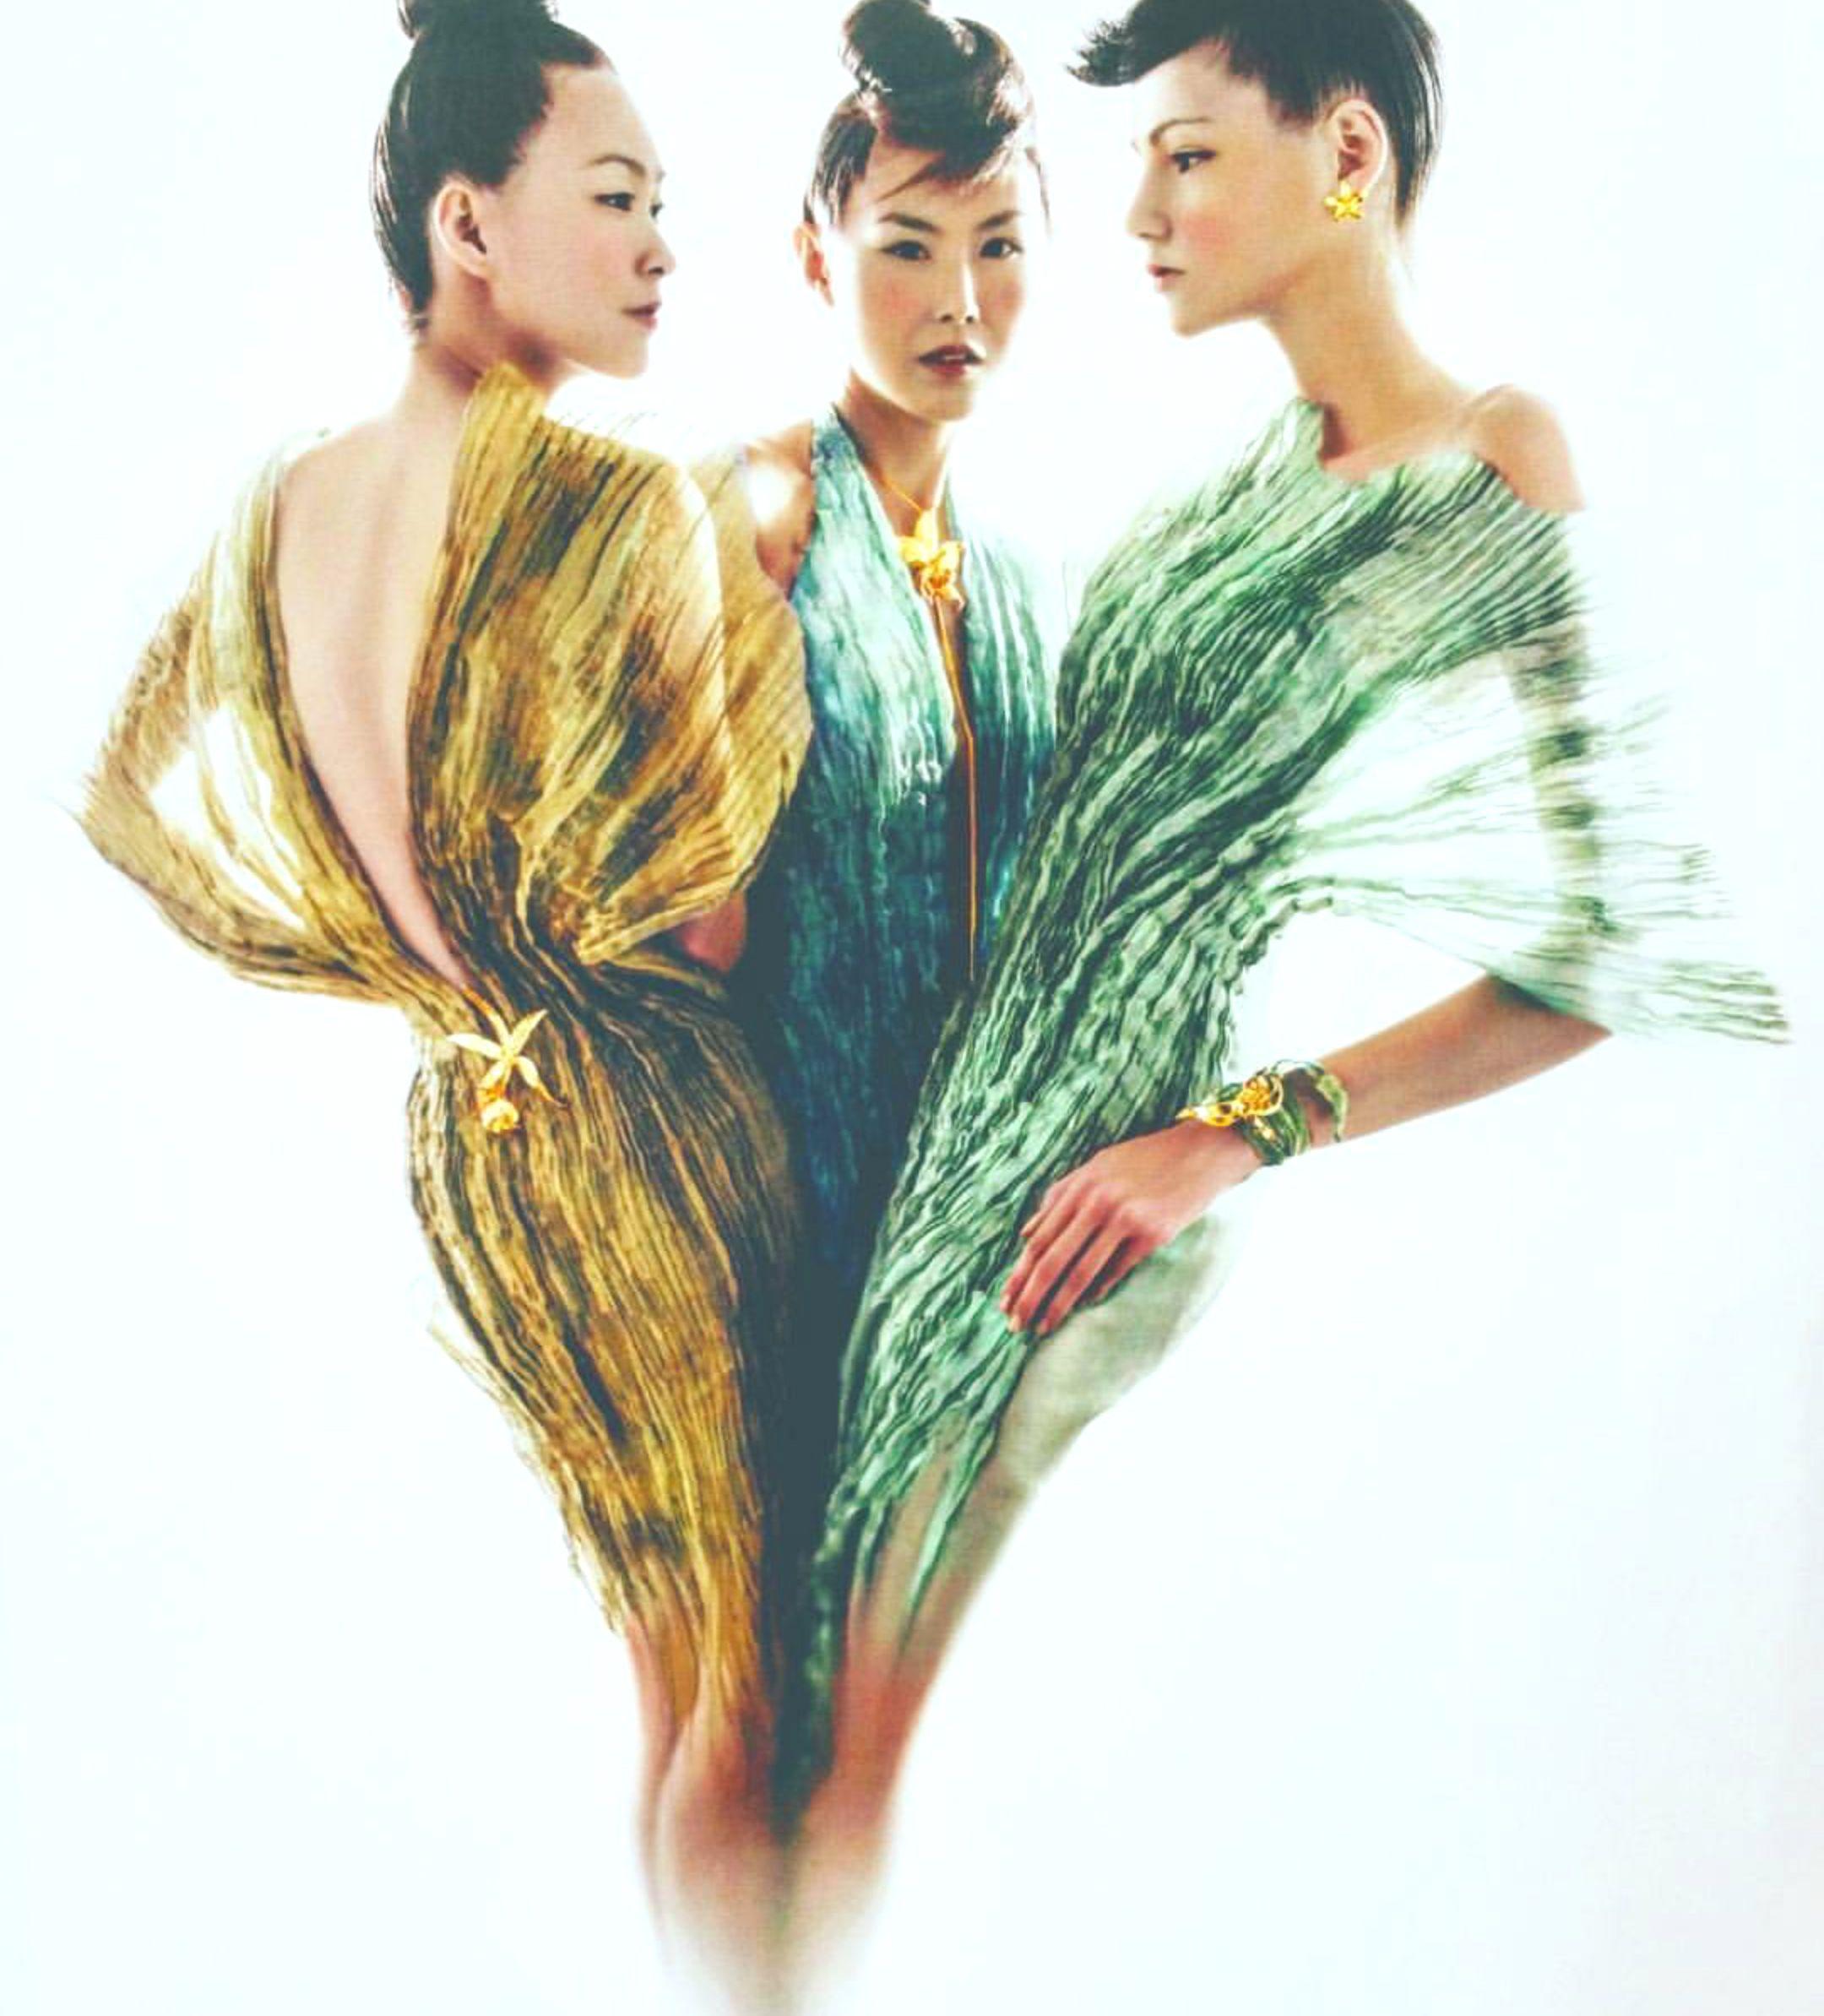 tan-yoong-risis-orchid-series